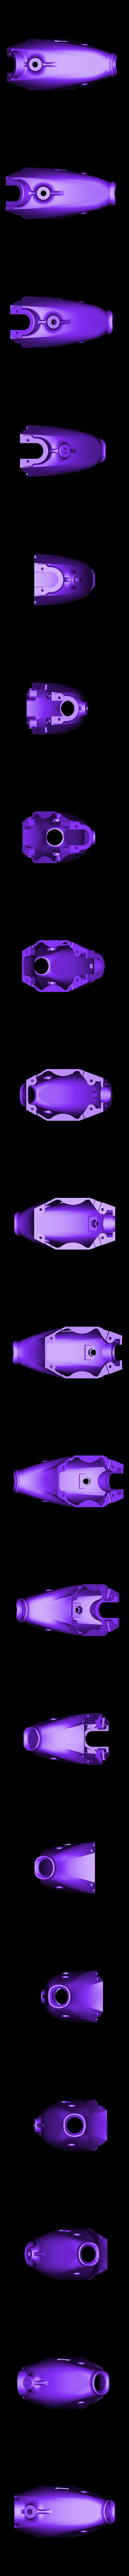 X210_Pod_30degonly_NOcam_01.stl Télécharger fichier STL gratuit Realacc X210 pod (qav-x). Racing Quad N!PodWE • Modèle imprimable en 3D, alexlpr